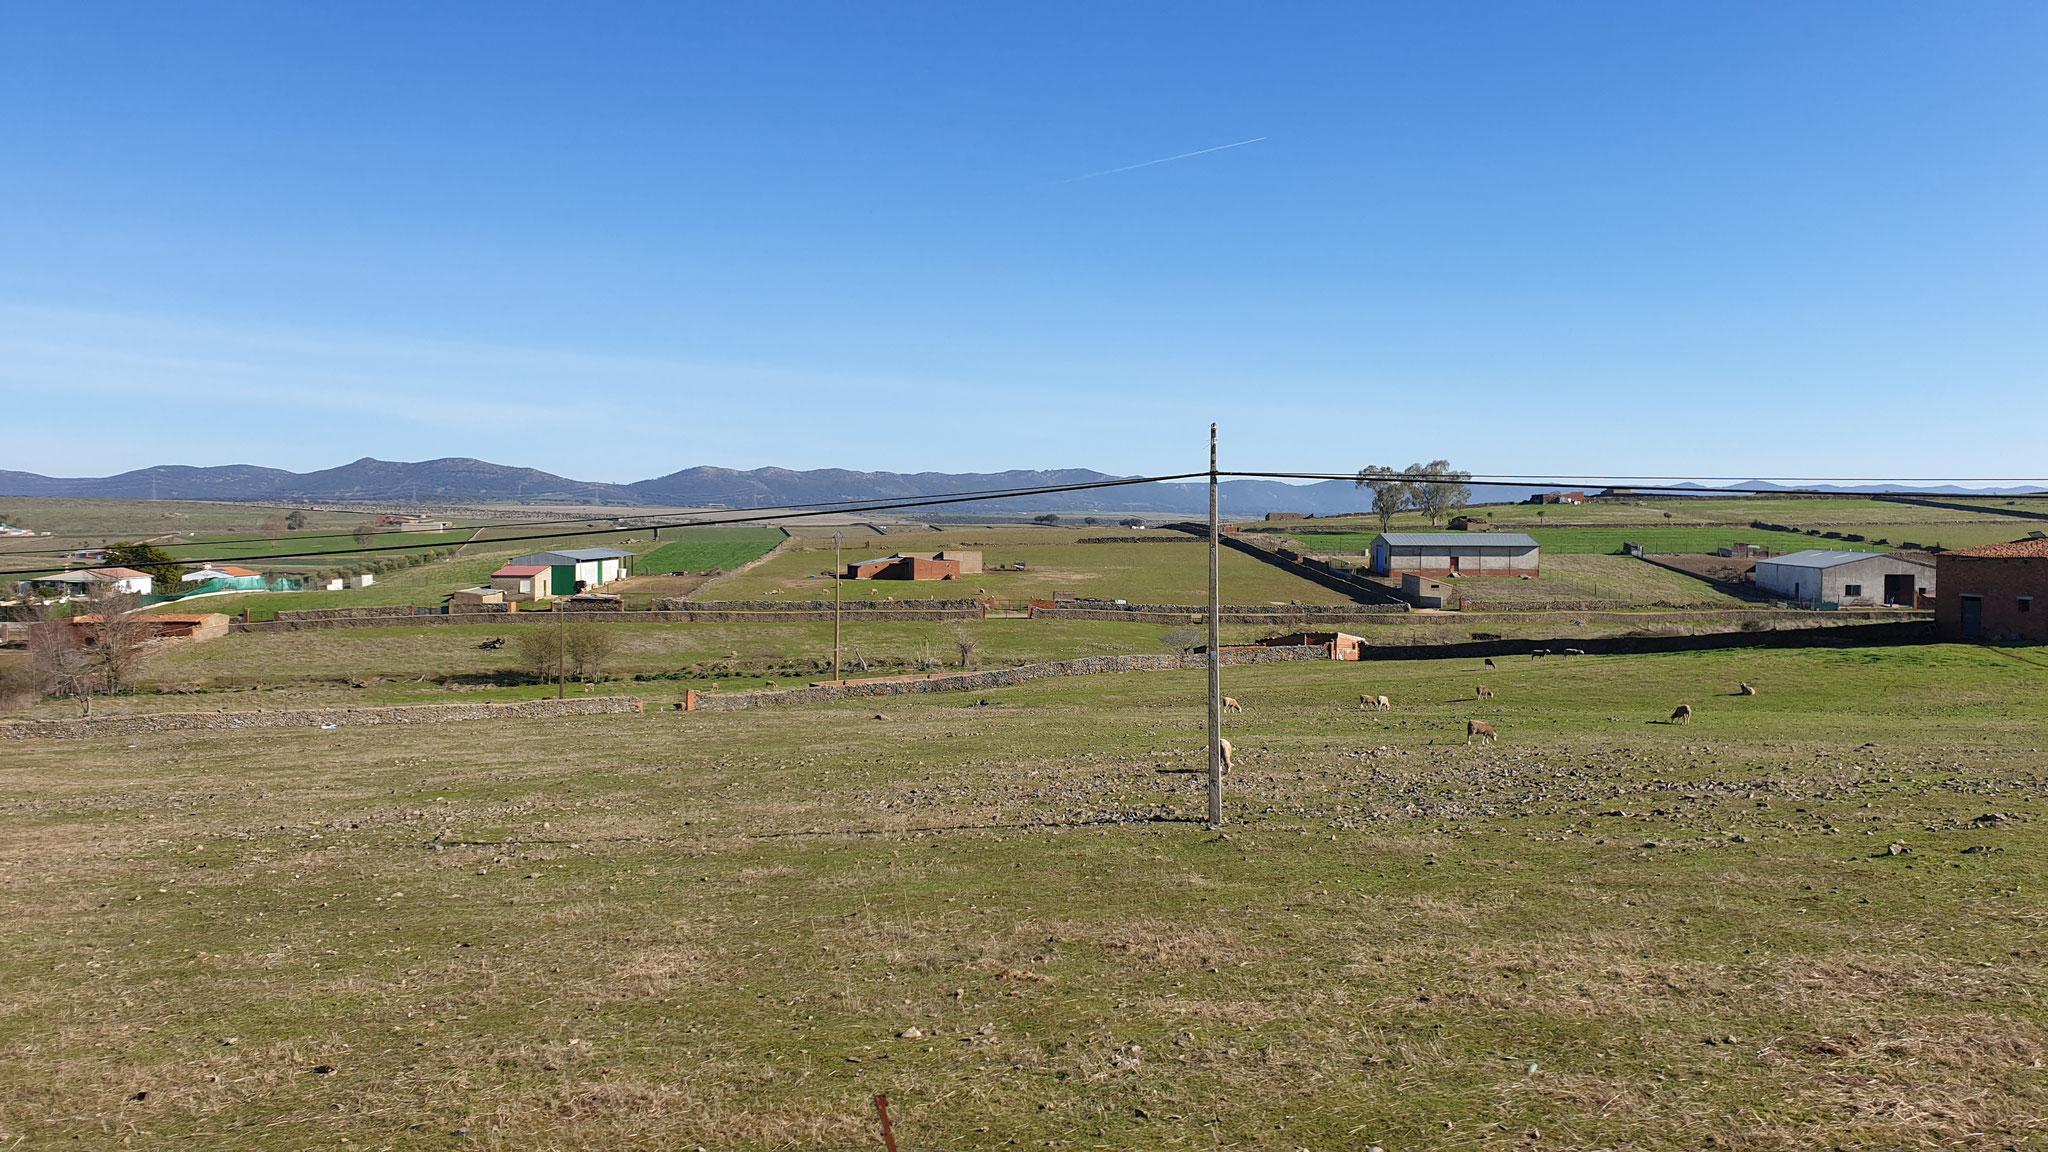 Gestern war Oliventag, heute ist Schafstag...und Rindertrag